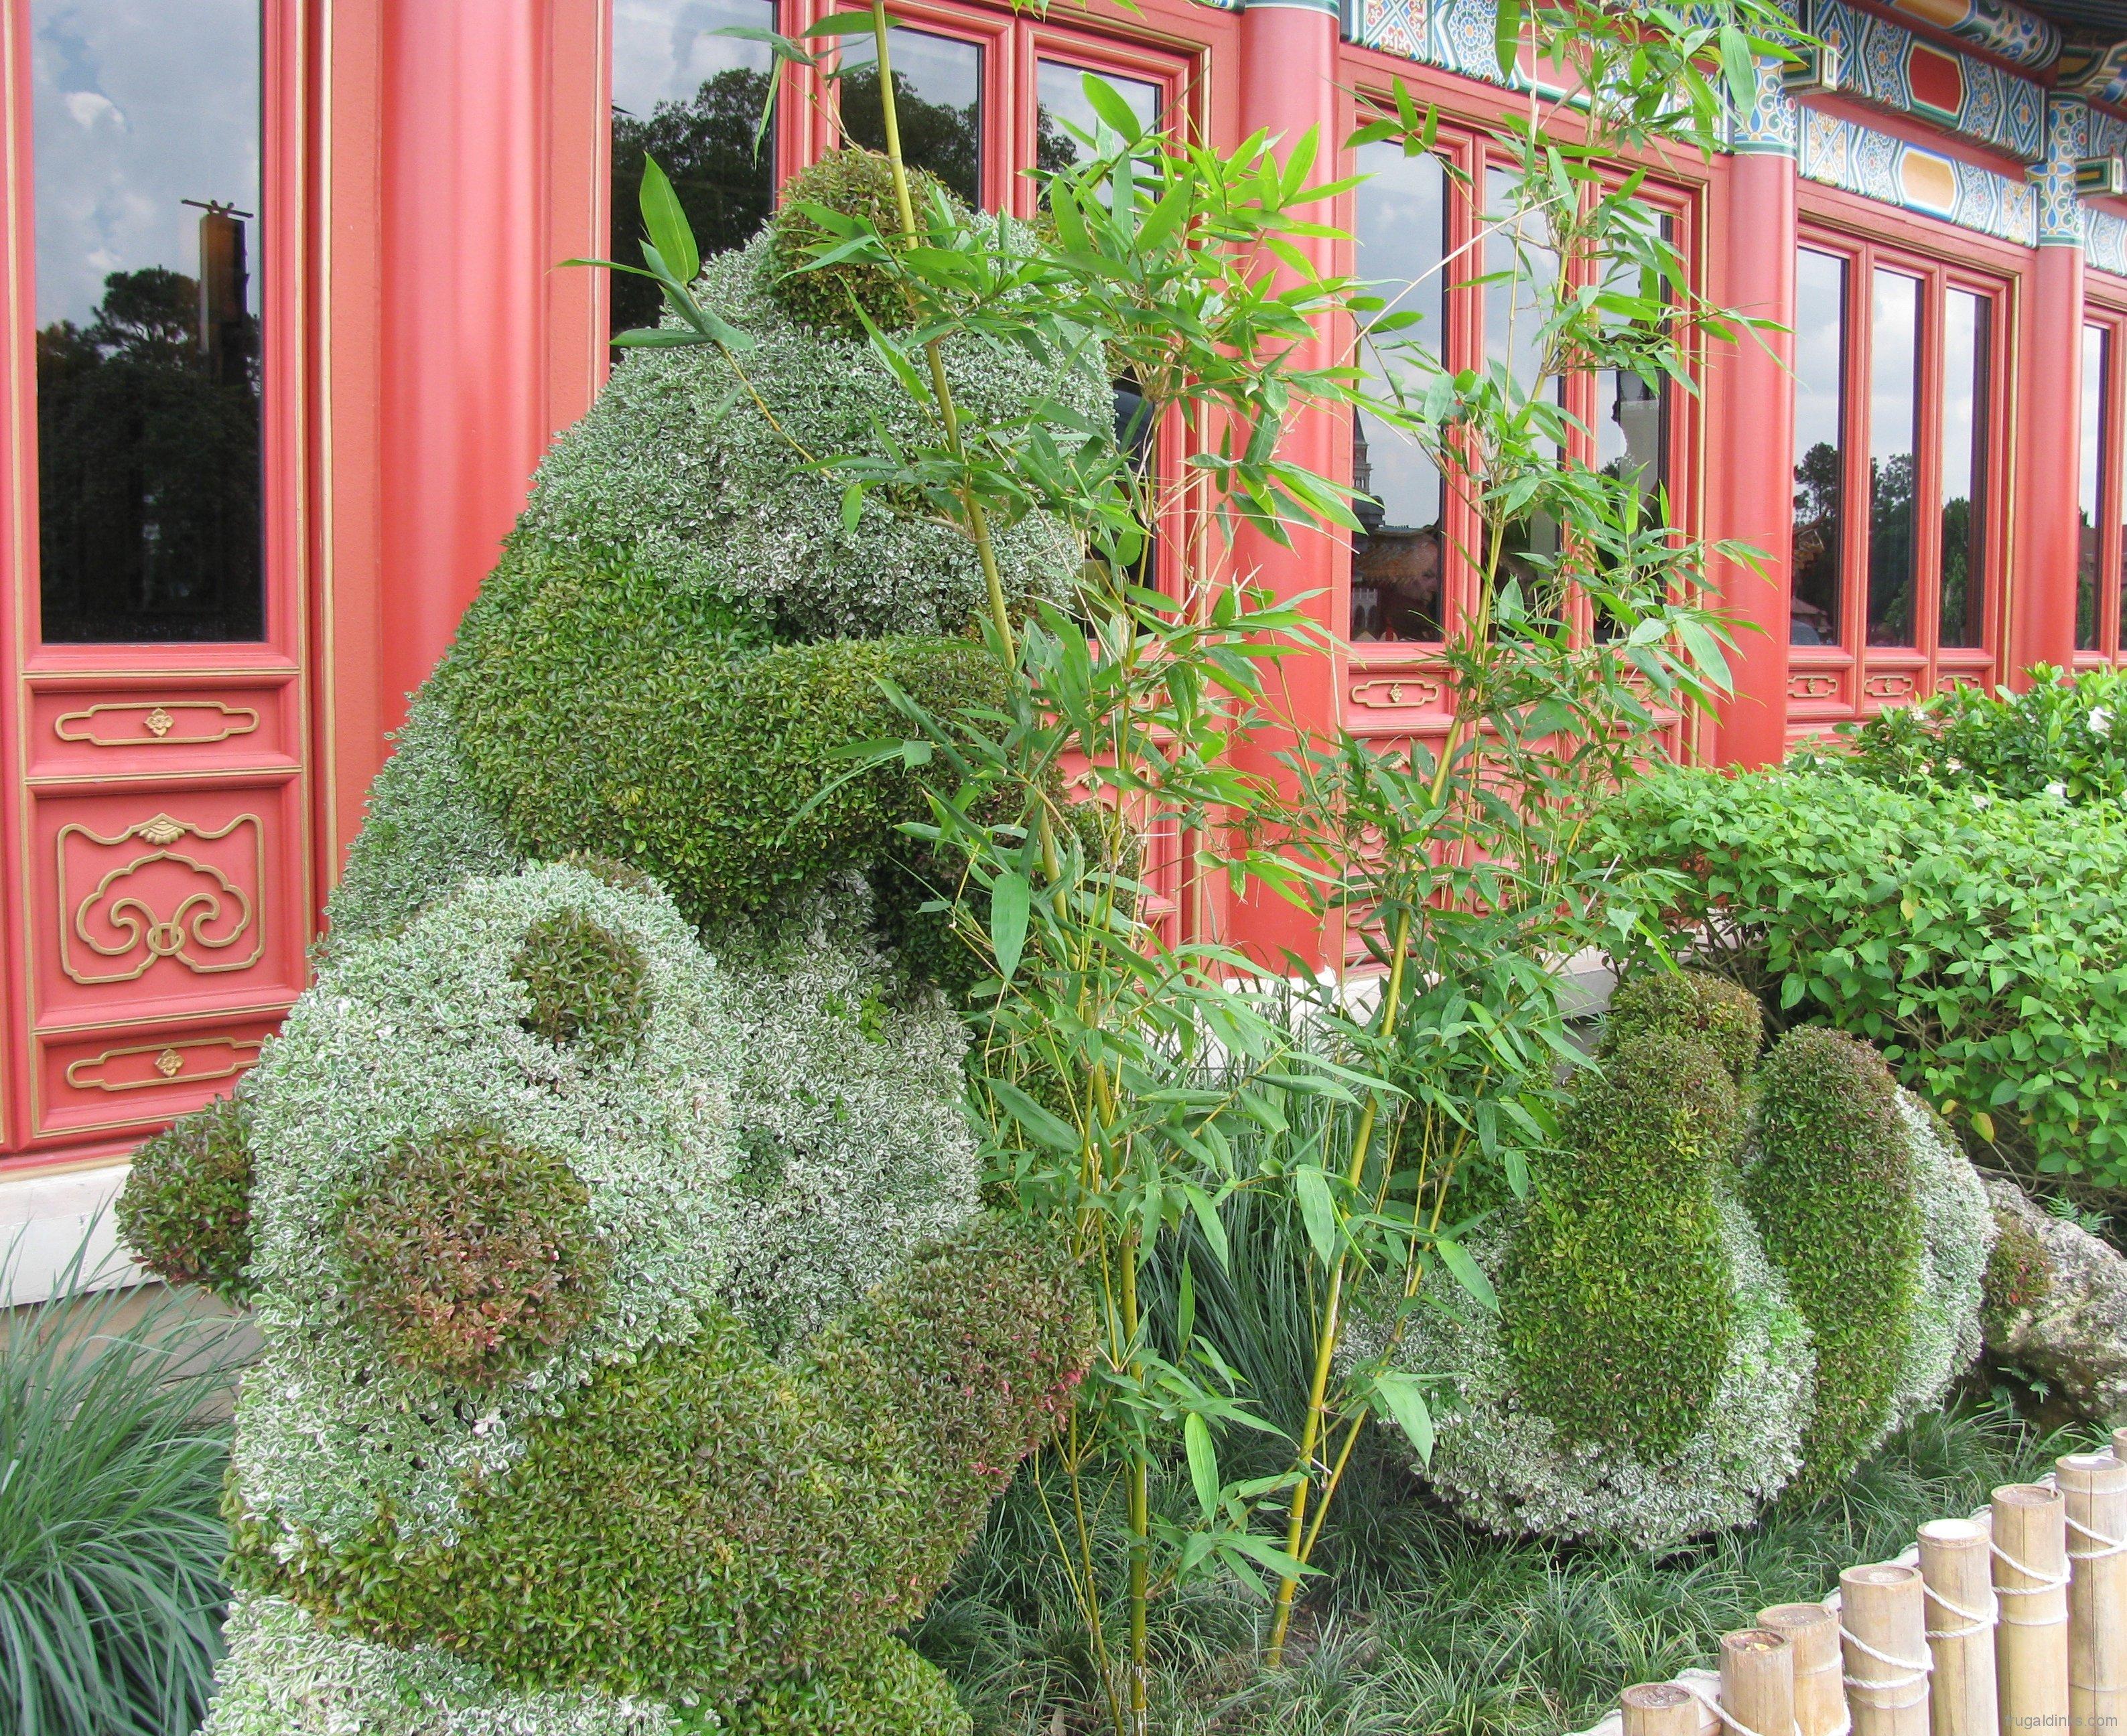 2011-epcot-flower-garden-festival-59